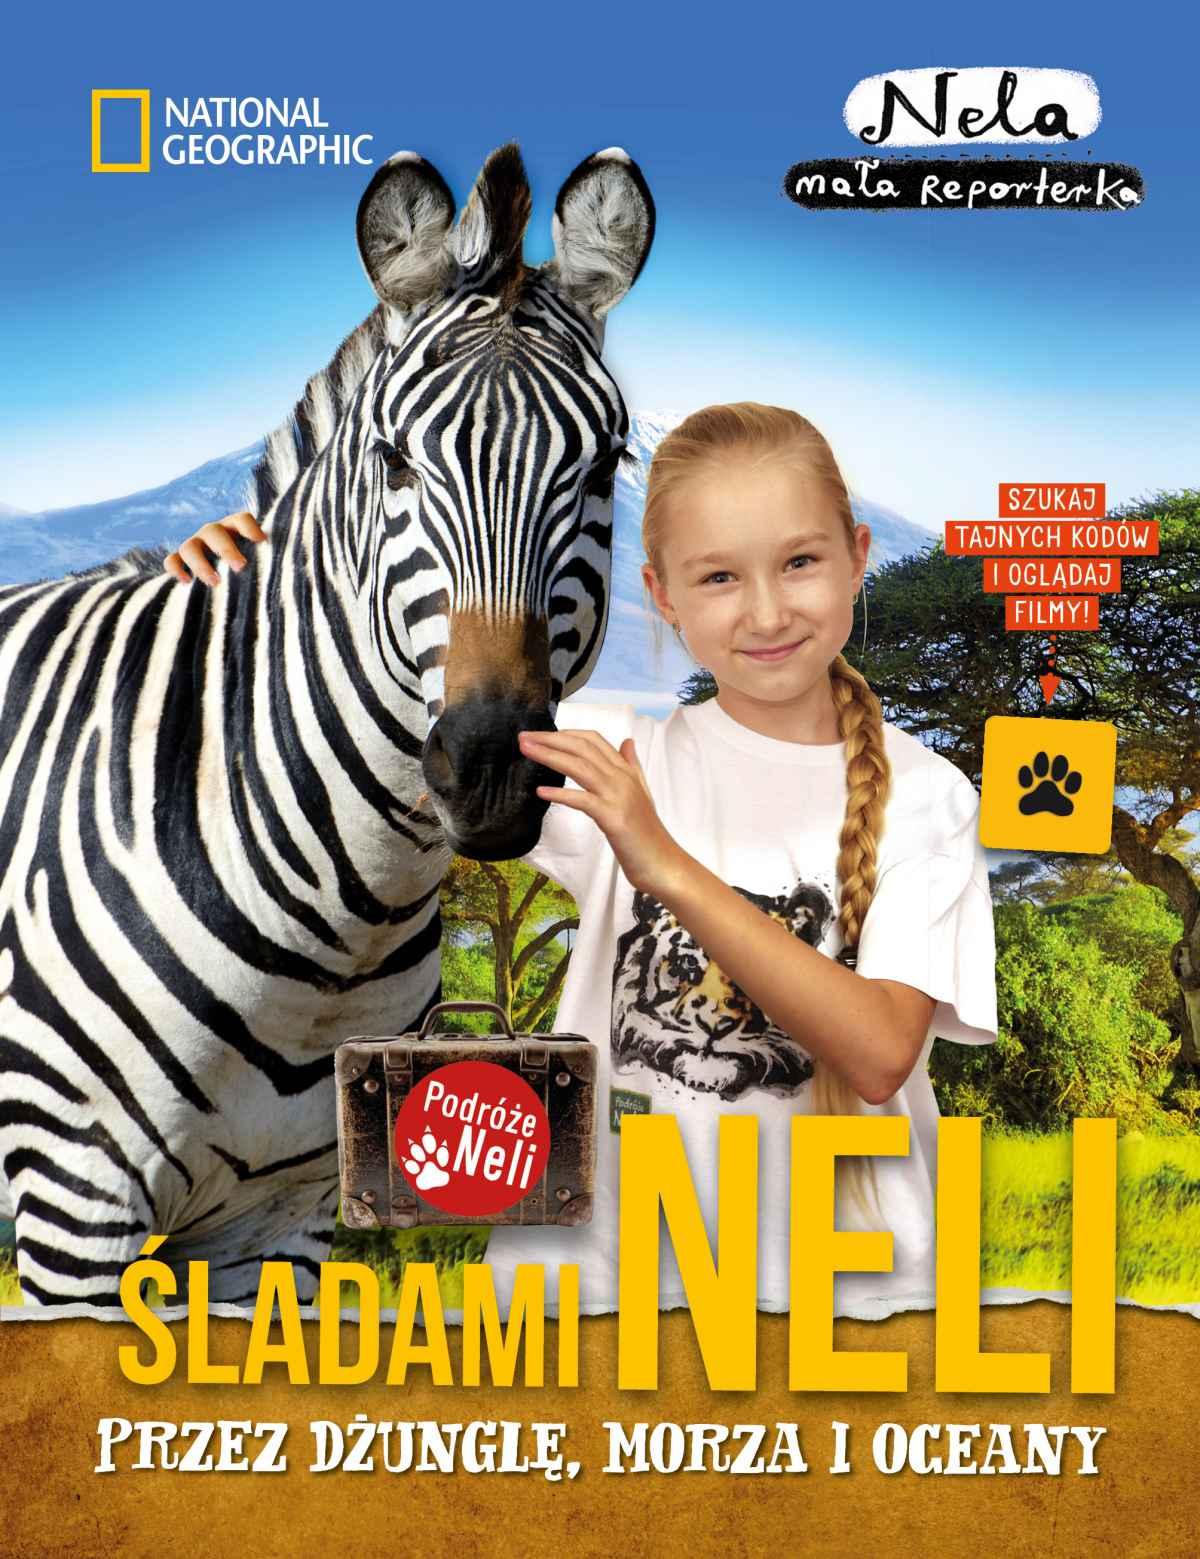 Śladami Neli przez dżunglę, morza i oceany - Ebook (Książka na Kindle) do pobrania w formacie MOBI